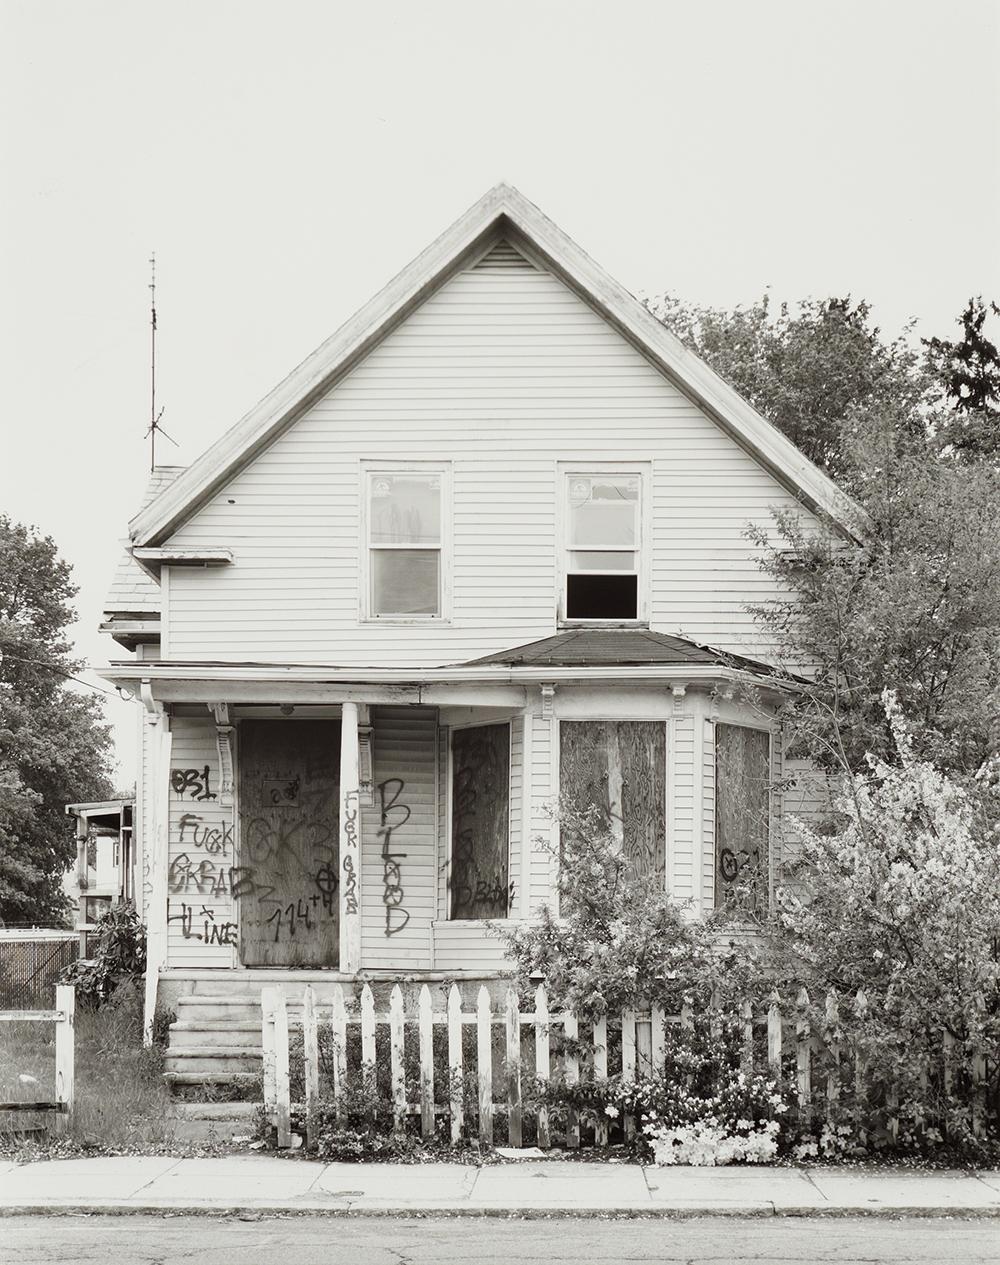 Joachim Koester, Some Boarded Up Houses 13, 2009-2013. Udvalg af fotografisk serie i 22 dele. Courtesy Nicolai Wallner.